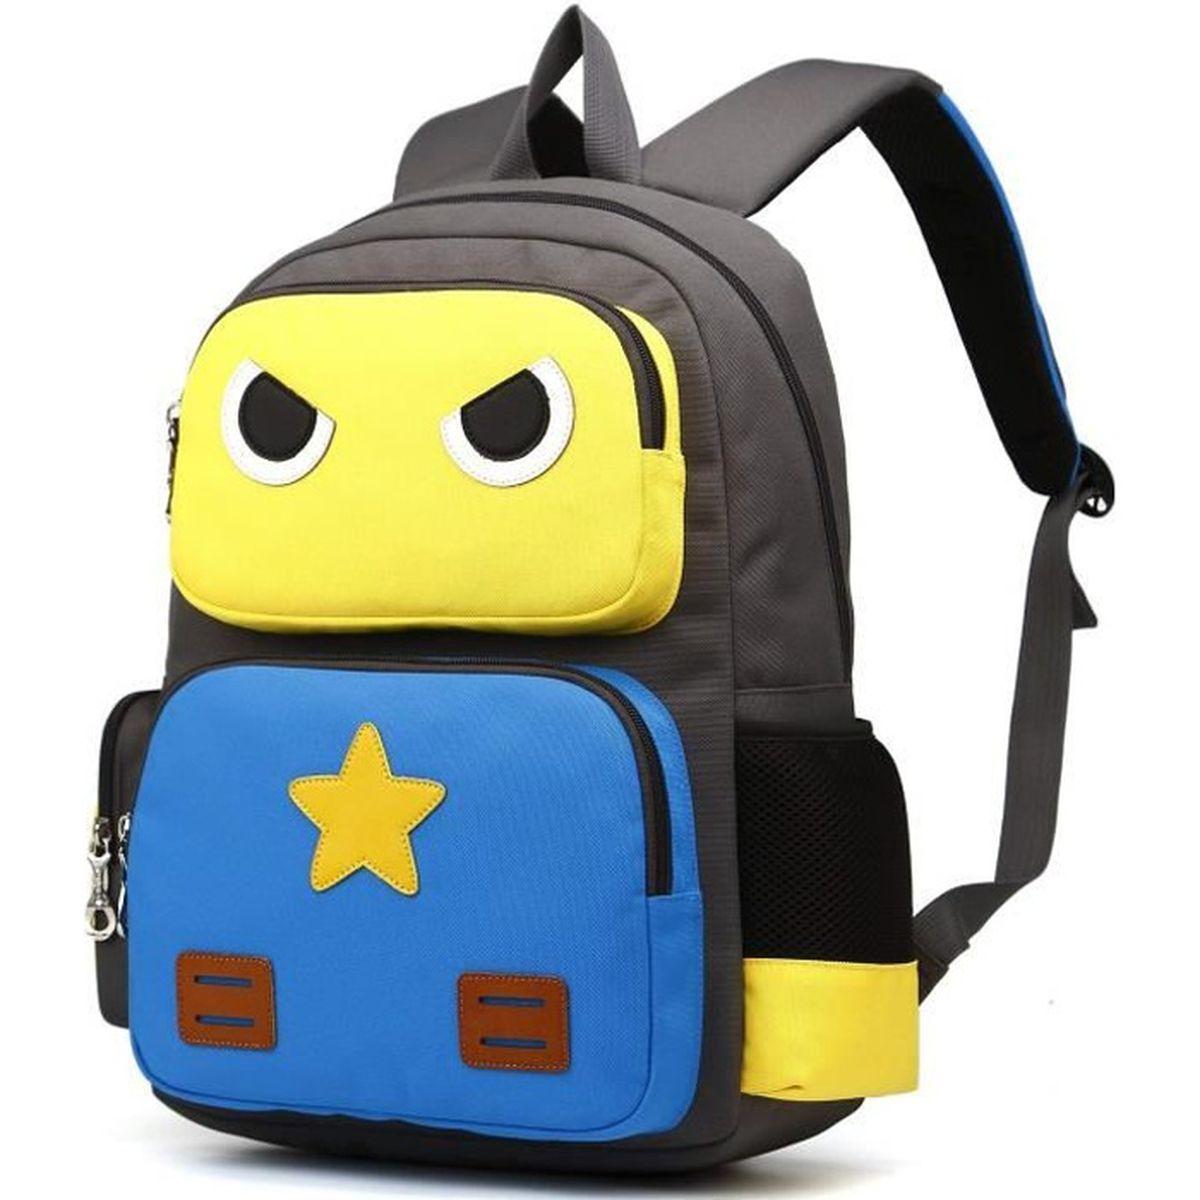 74553bed57 SWAREY Petit Sac a Dos Enfant Robot Cartable Garcon Fille pour ...